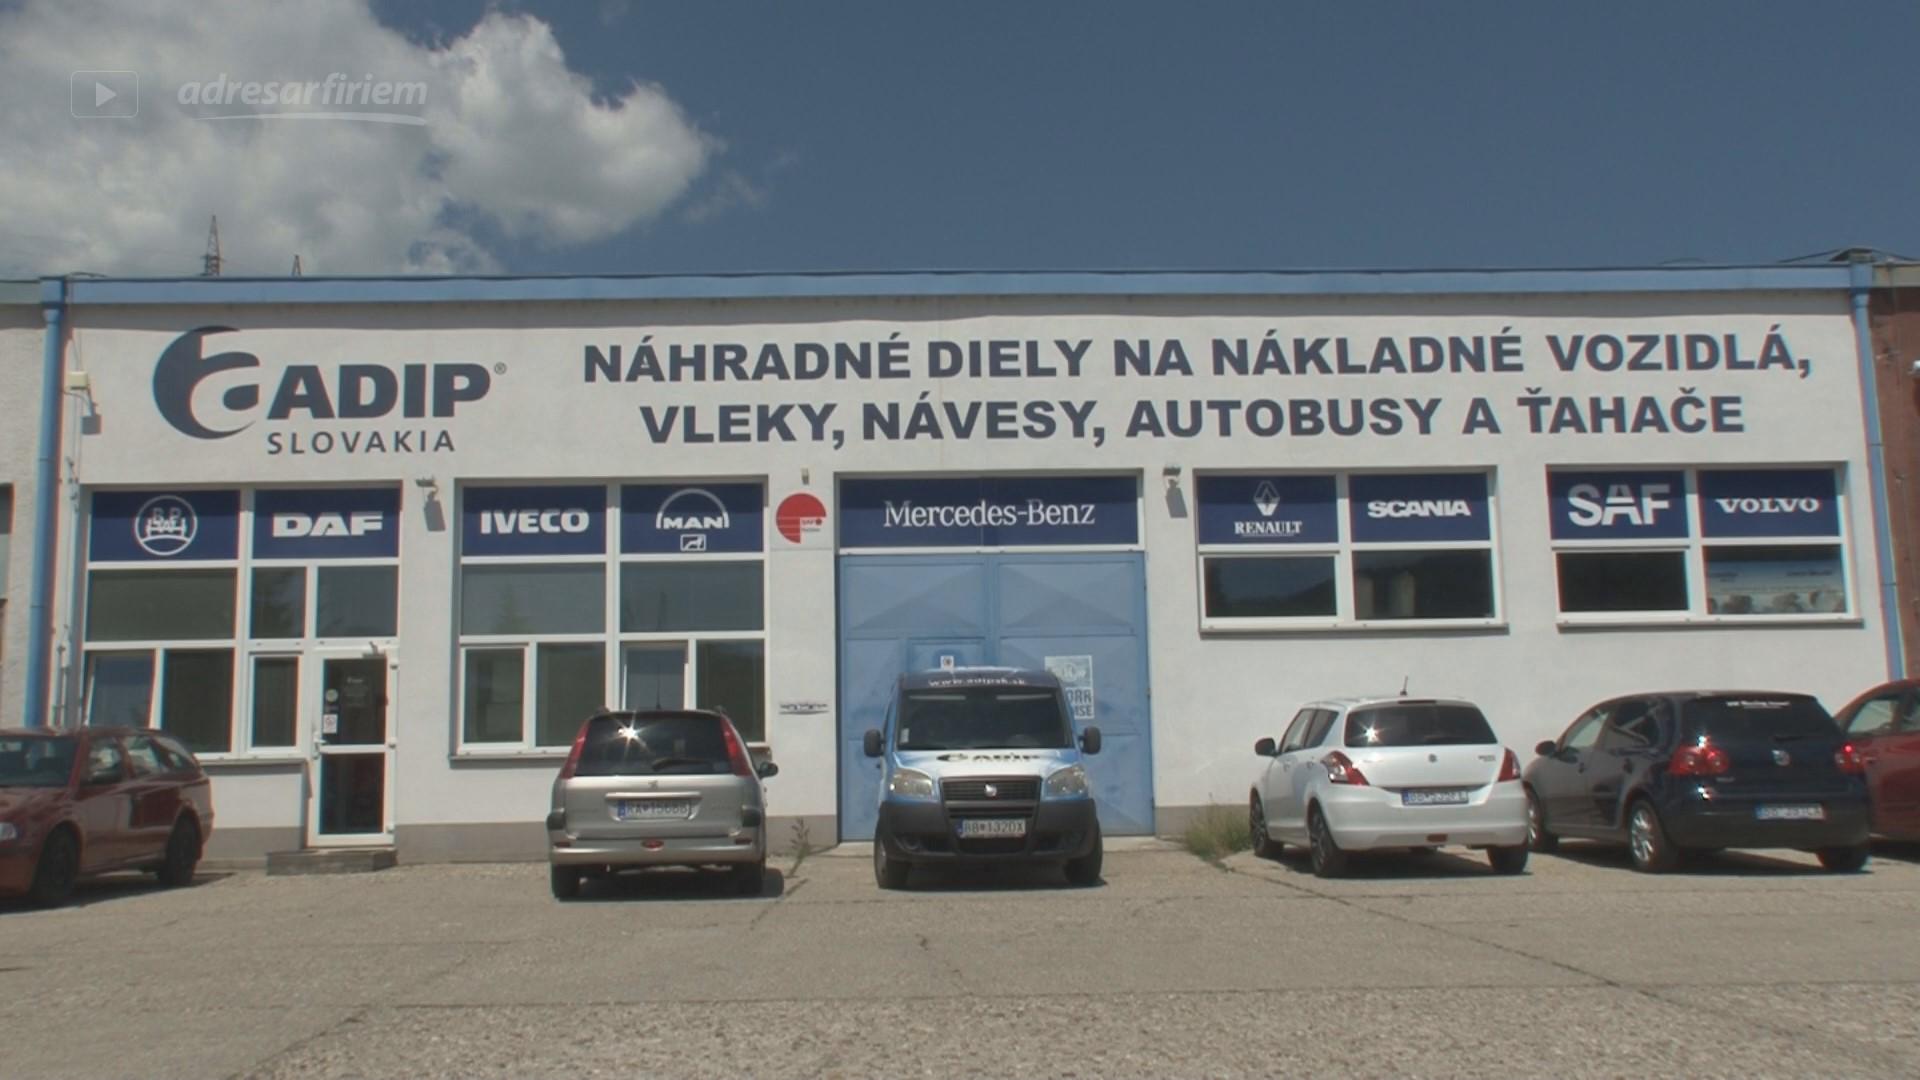 Video ADIP SLOVAKIA, spol. s r.o. Banská Bystrica